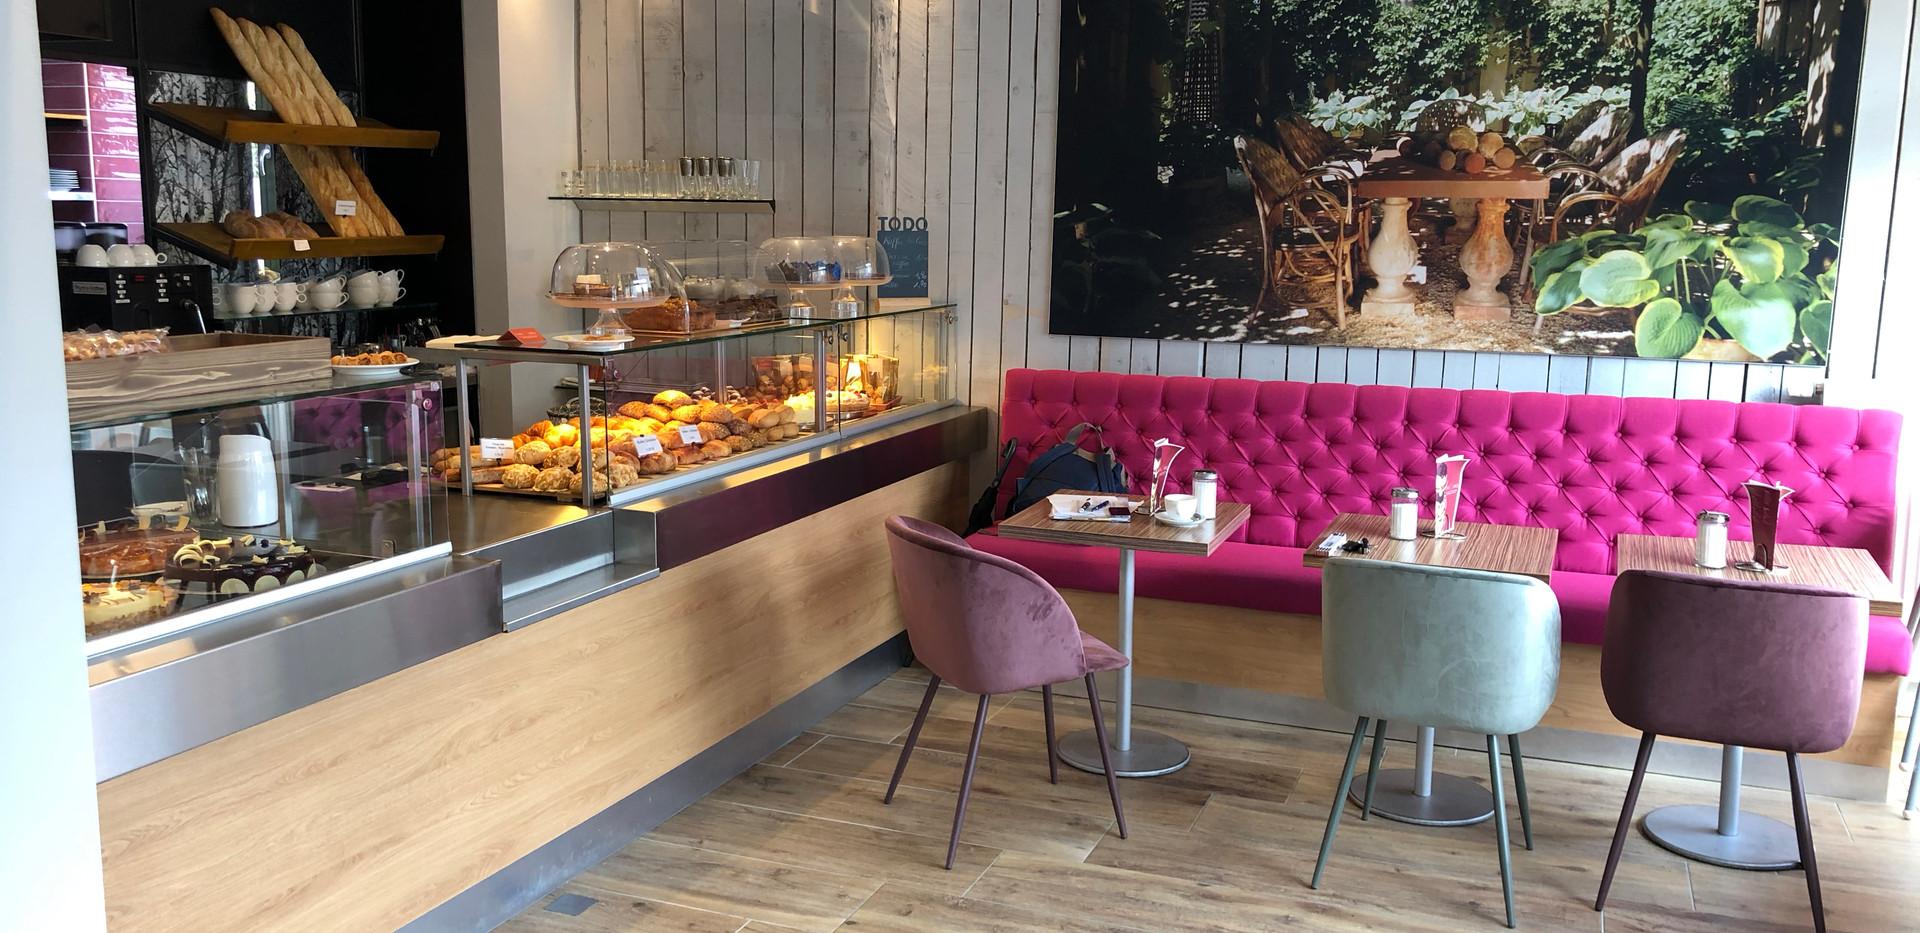 cafe-liege-aachen-beverau-gemuetliches-ambiente.jpg